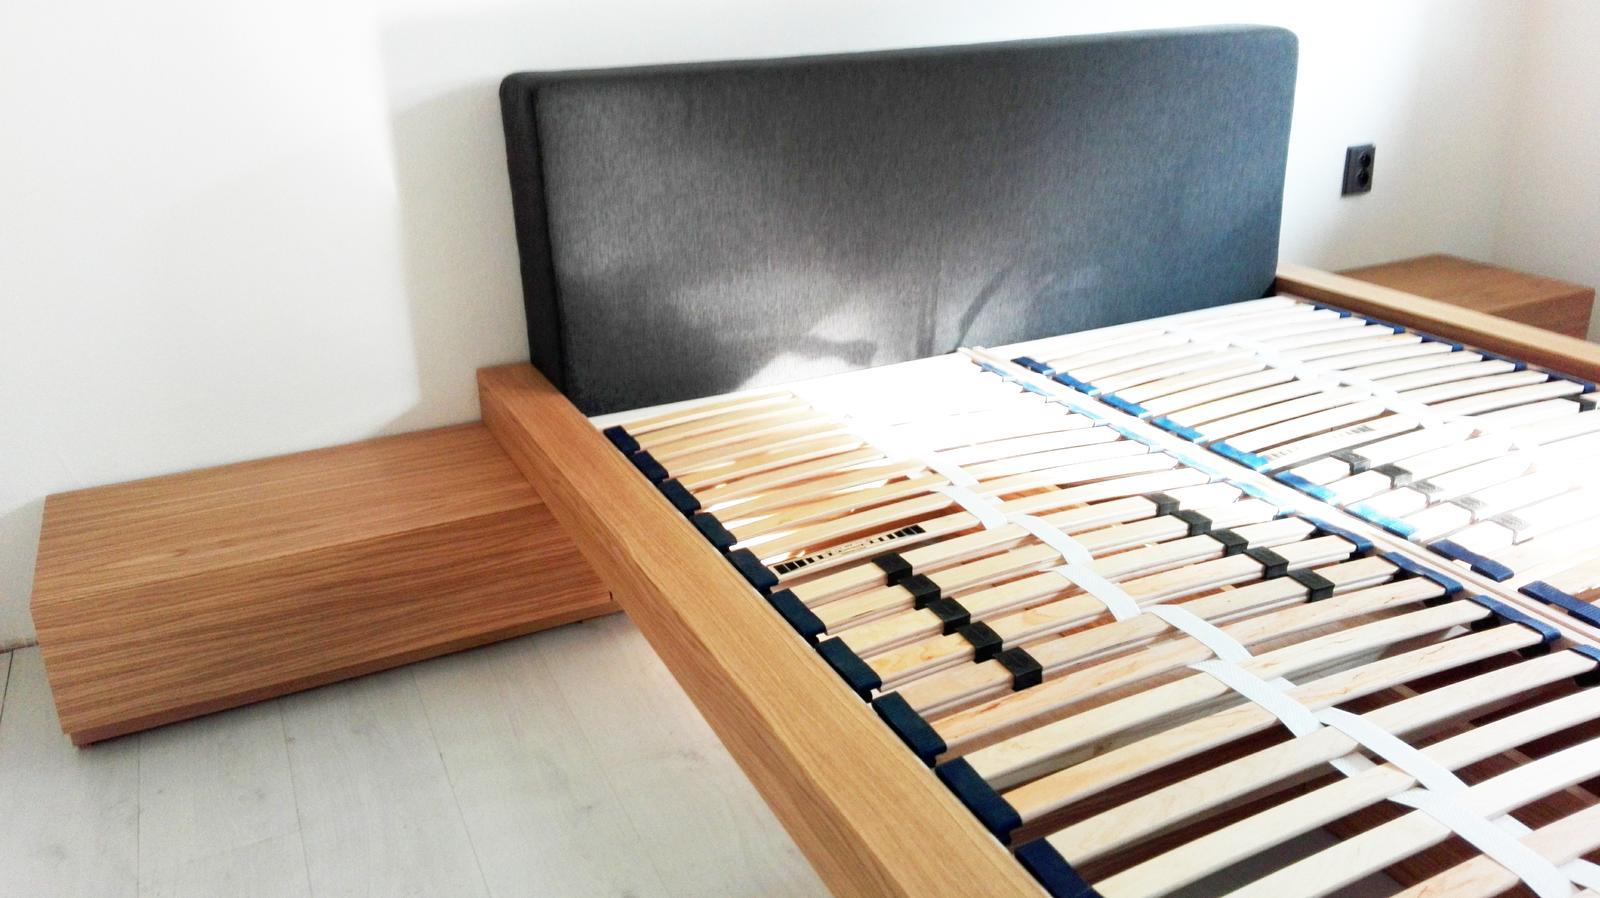 Dizajn a výroba nábytku na mieru Cubica - Posteľ WAY - dýha dub + čalúnené čelo. Design&Výroba Cubica